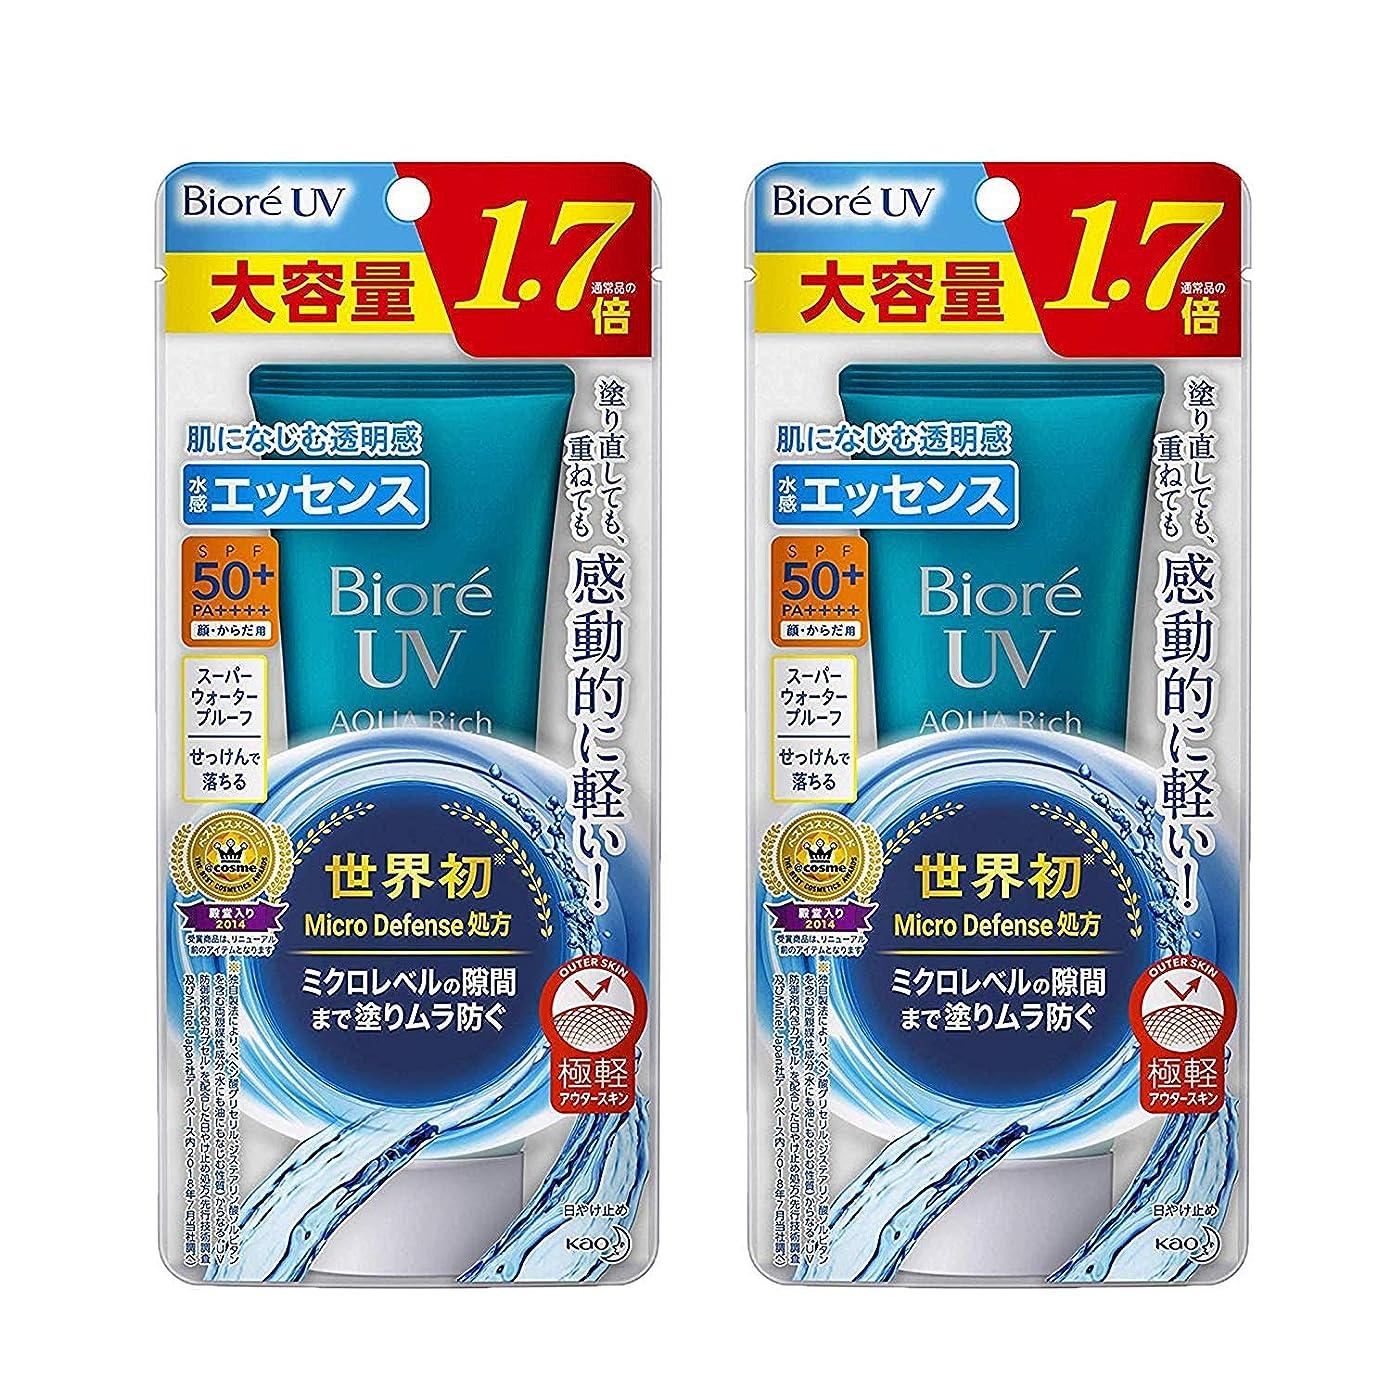 無駄なそして騒【2個セット】 ビオレUV アクアリッチ ウォータリーエッセンス 85g (大容量 通常品の1.7倍) 日焼け止め SPF50+/PA++++